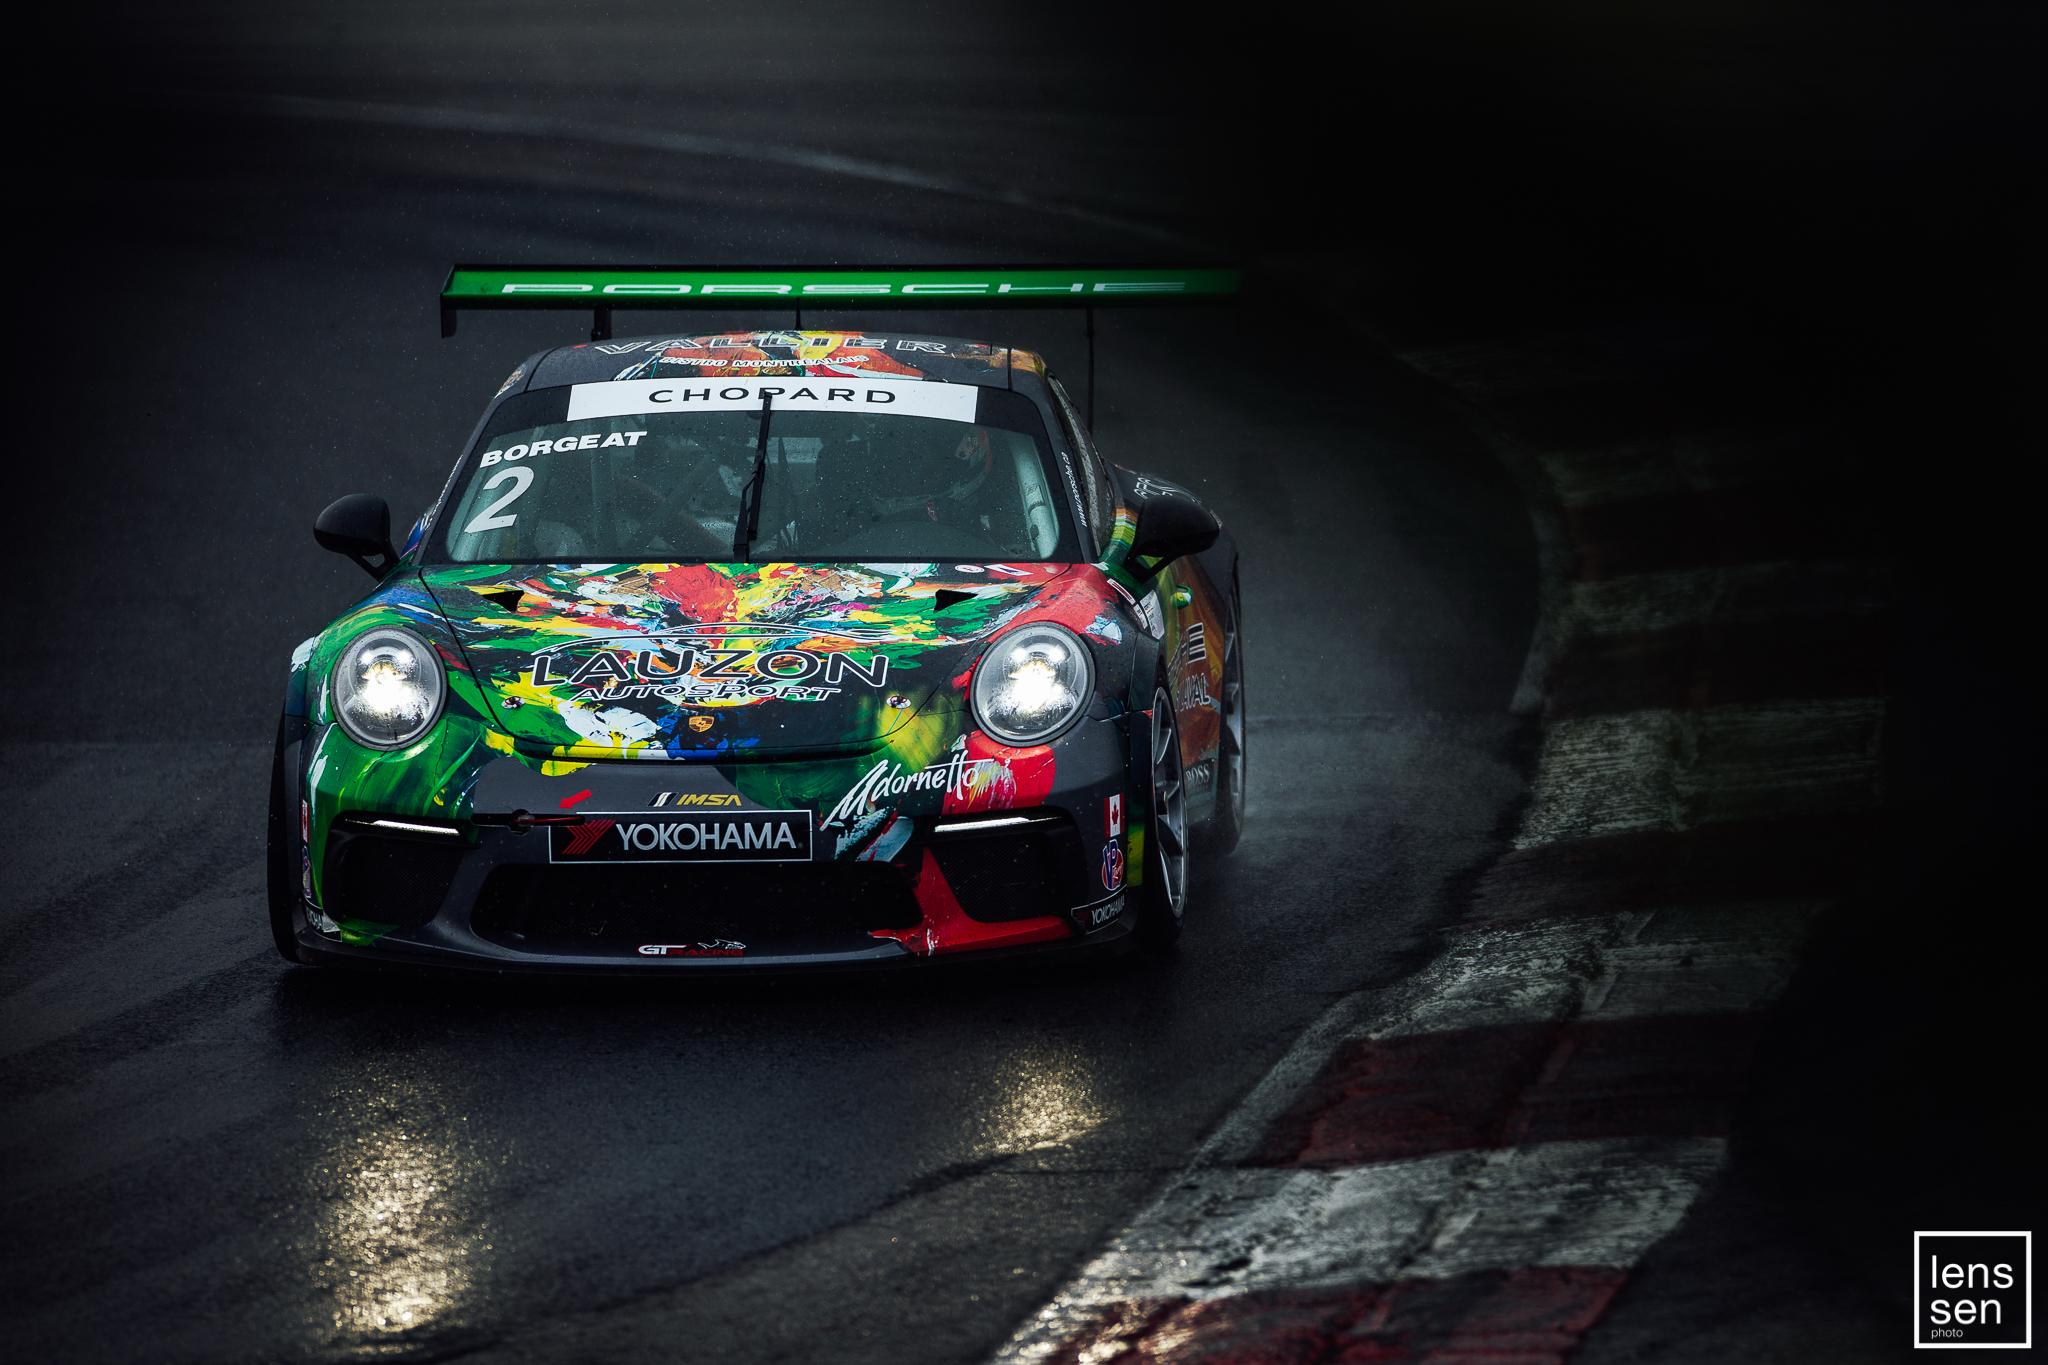 Porsche GT3 Cup Challenge Canada - 052019 - CTMP Mosport VDS 2019 - Lenssen Photo - 237 -0393.jpg